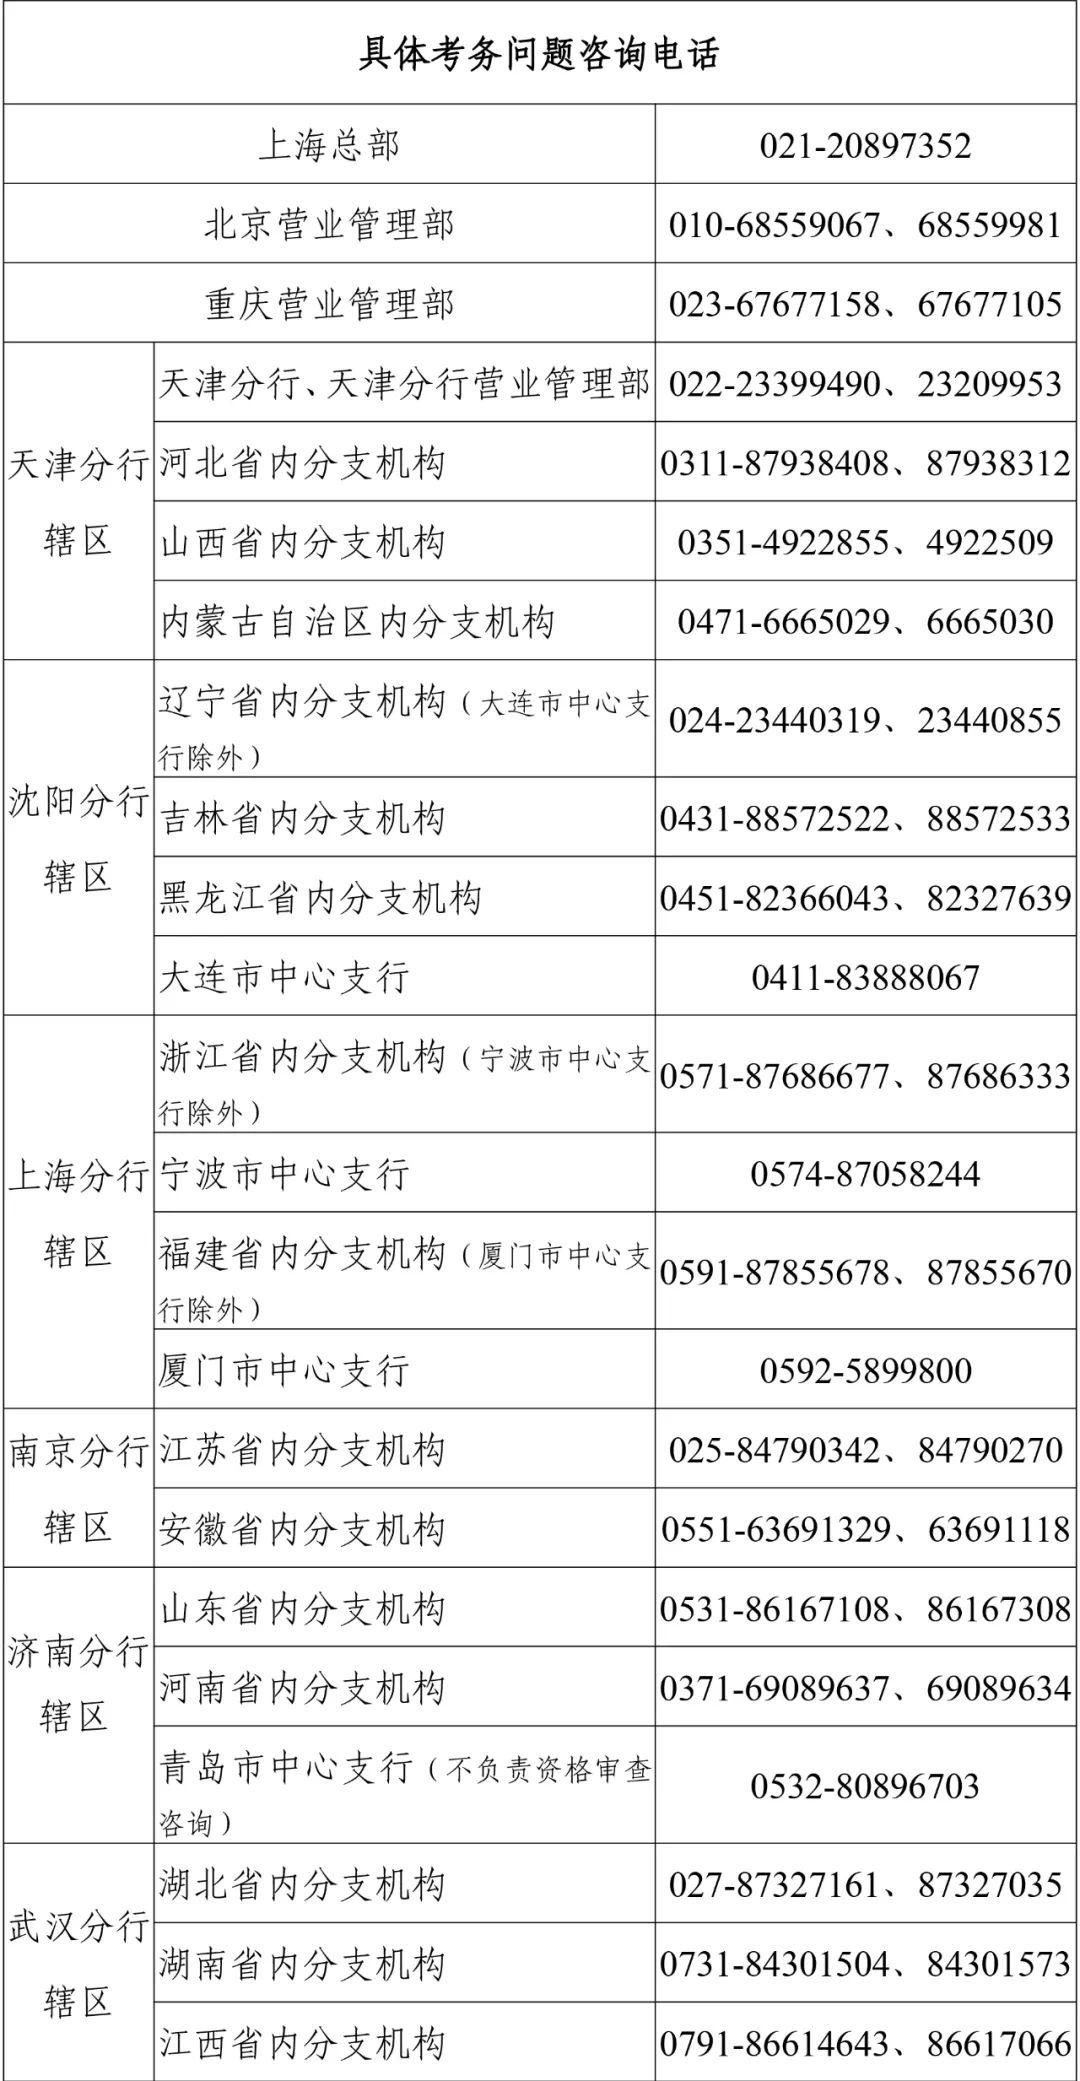 中国人民银行分支机构和直属单位2021年度人员录用招考(招聘)公告